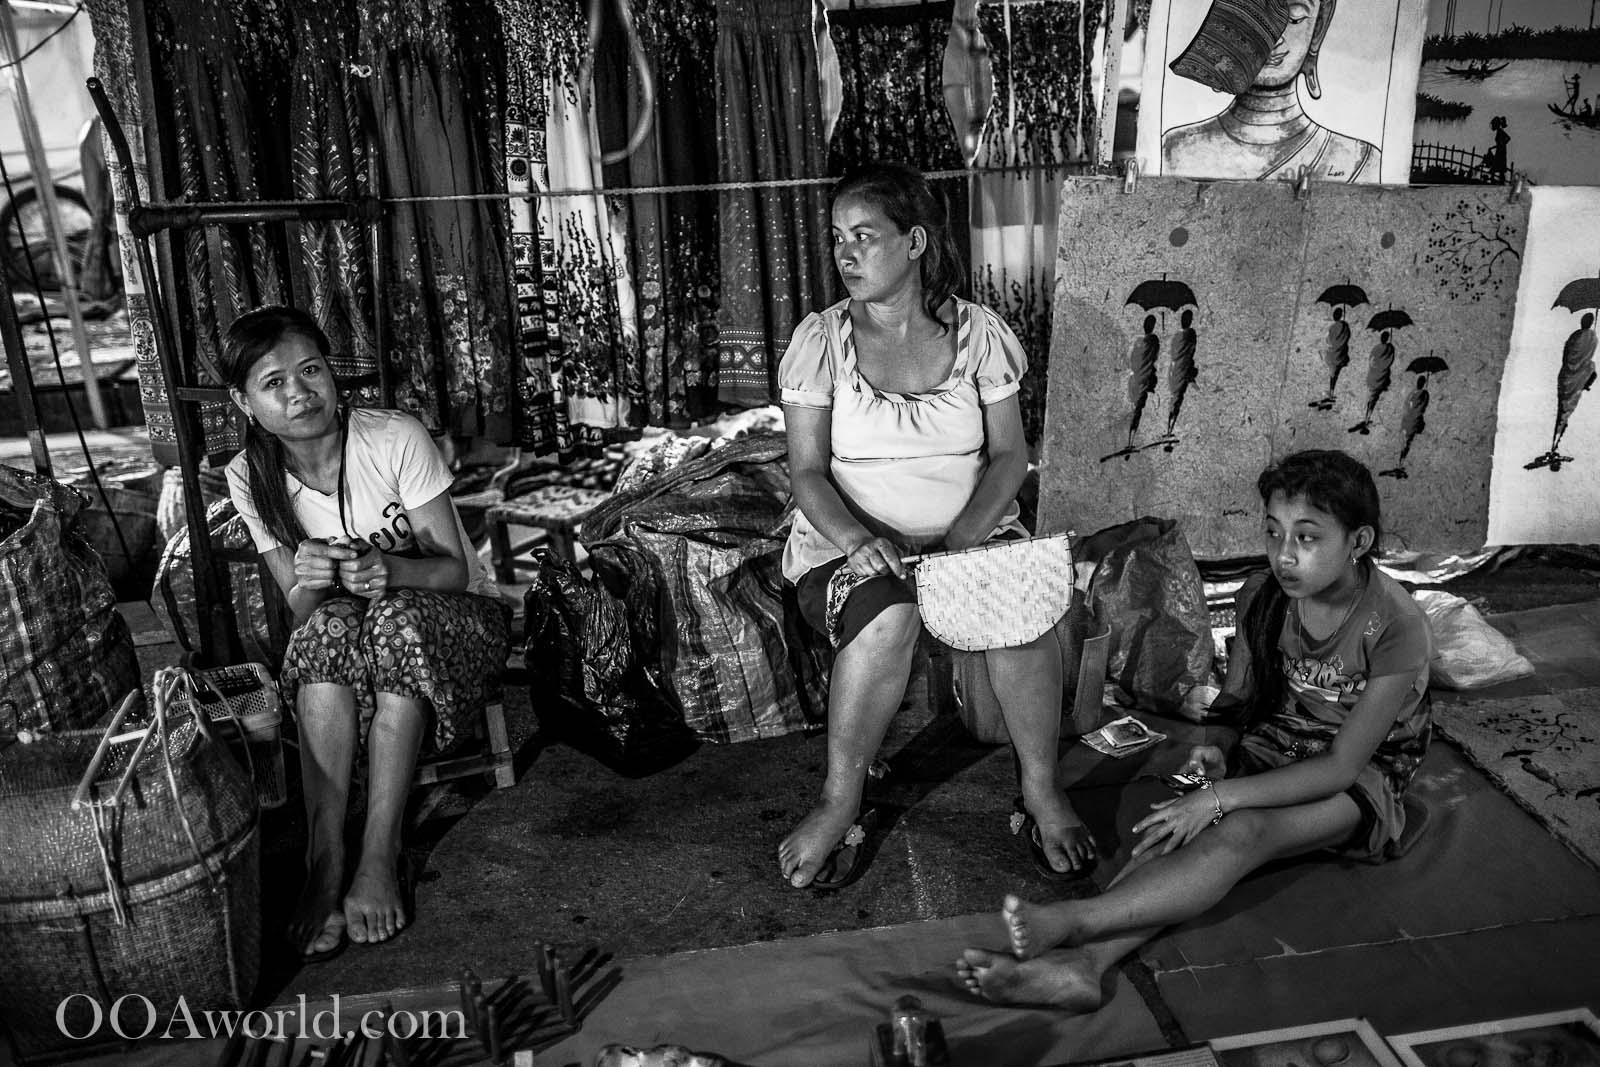 Luang Prabang Family Waiting at the Market Photo Ooaworld